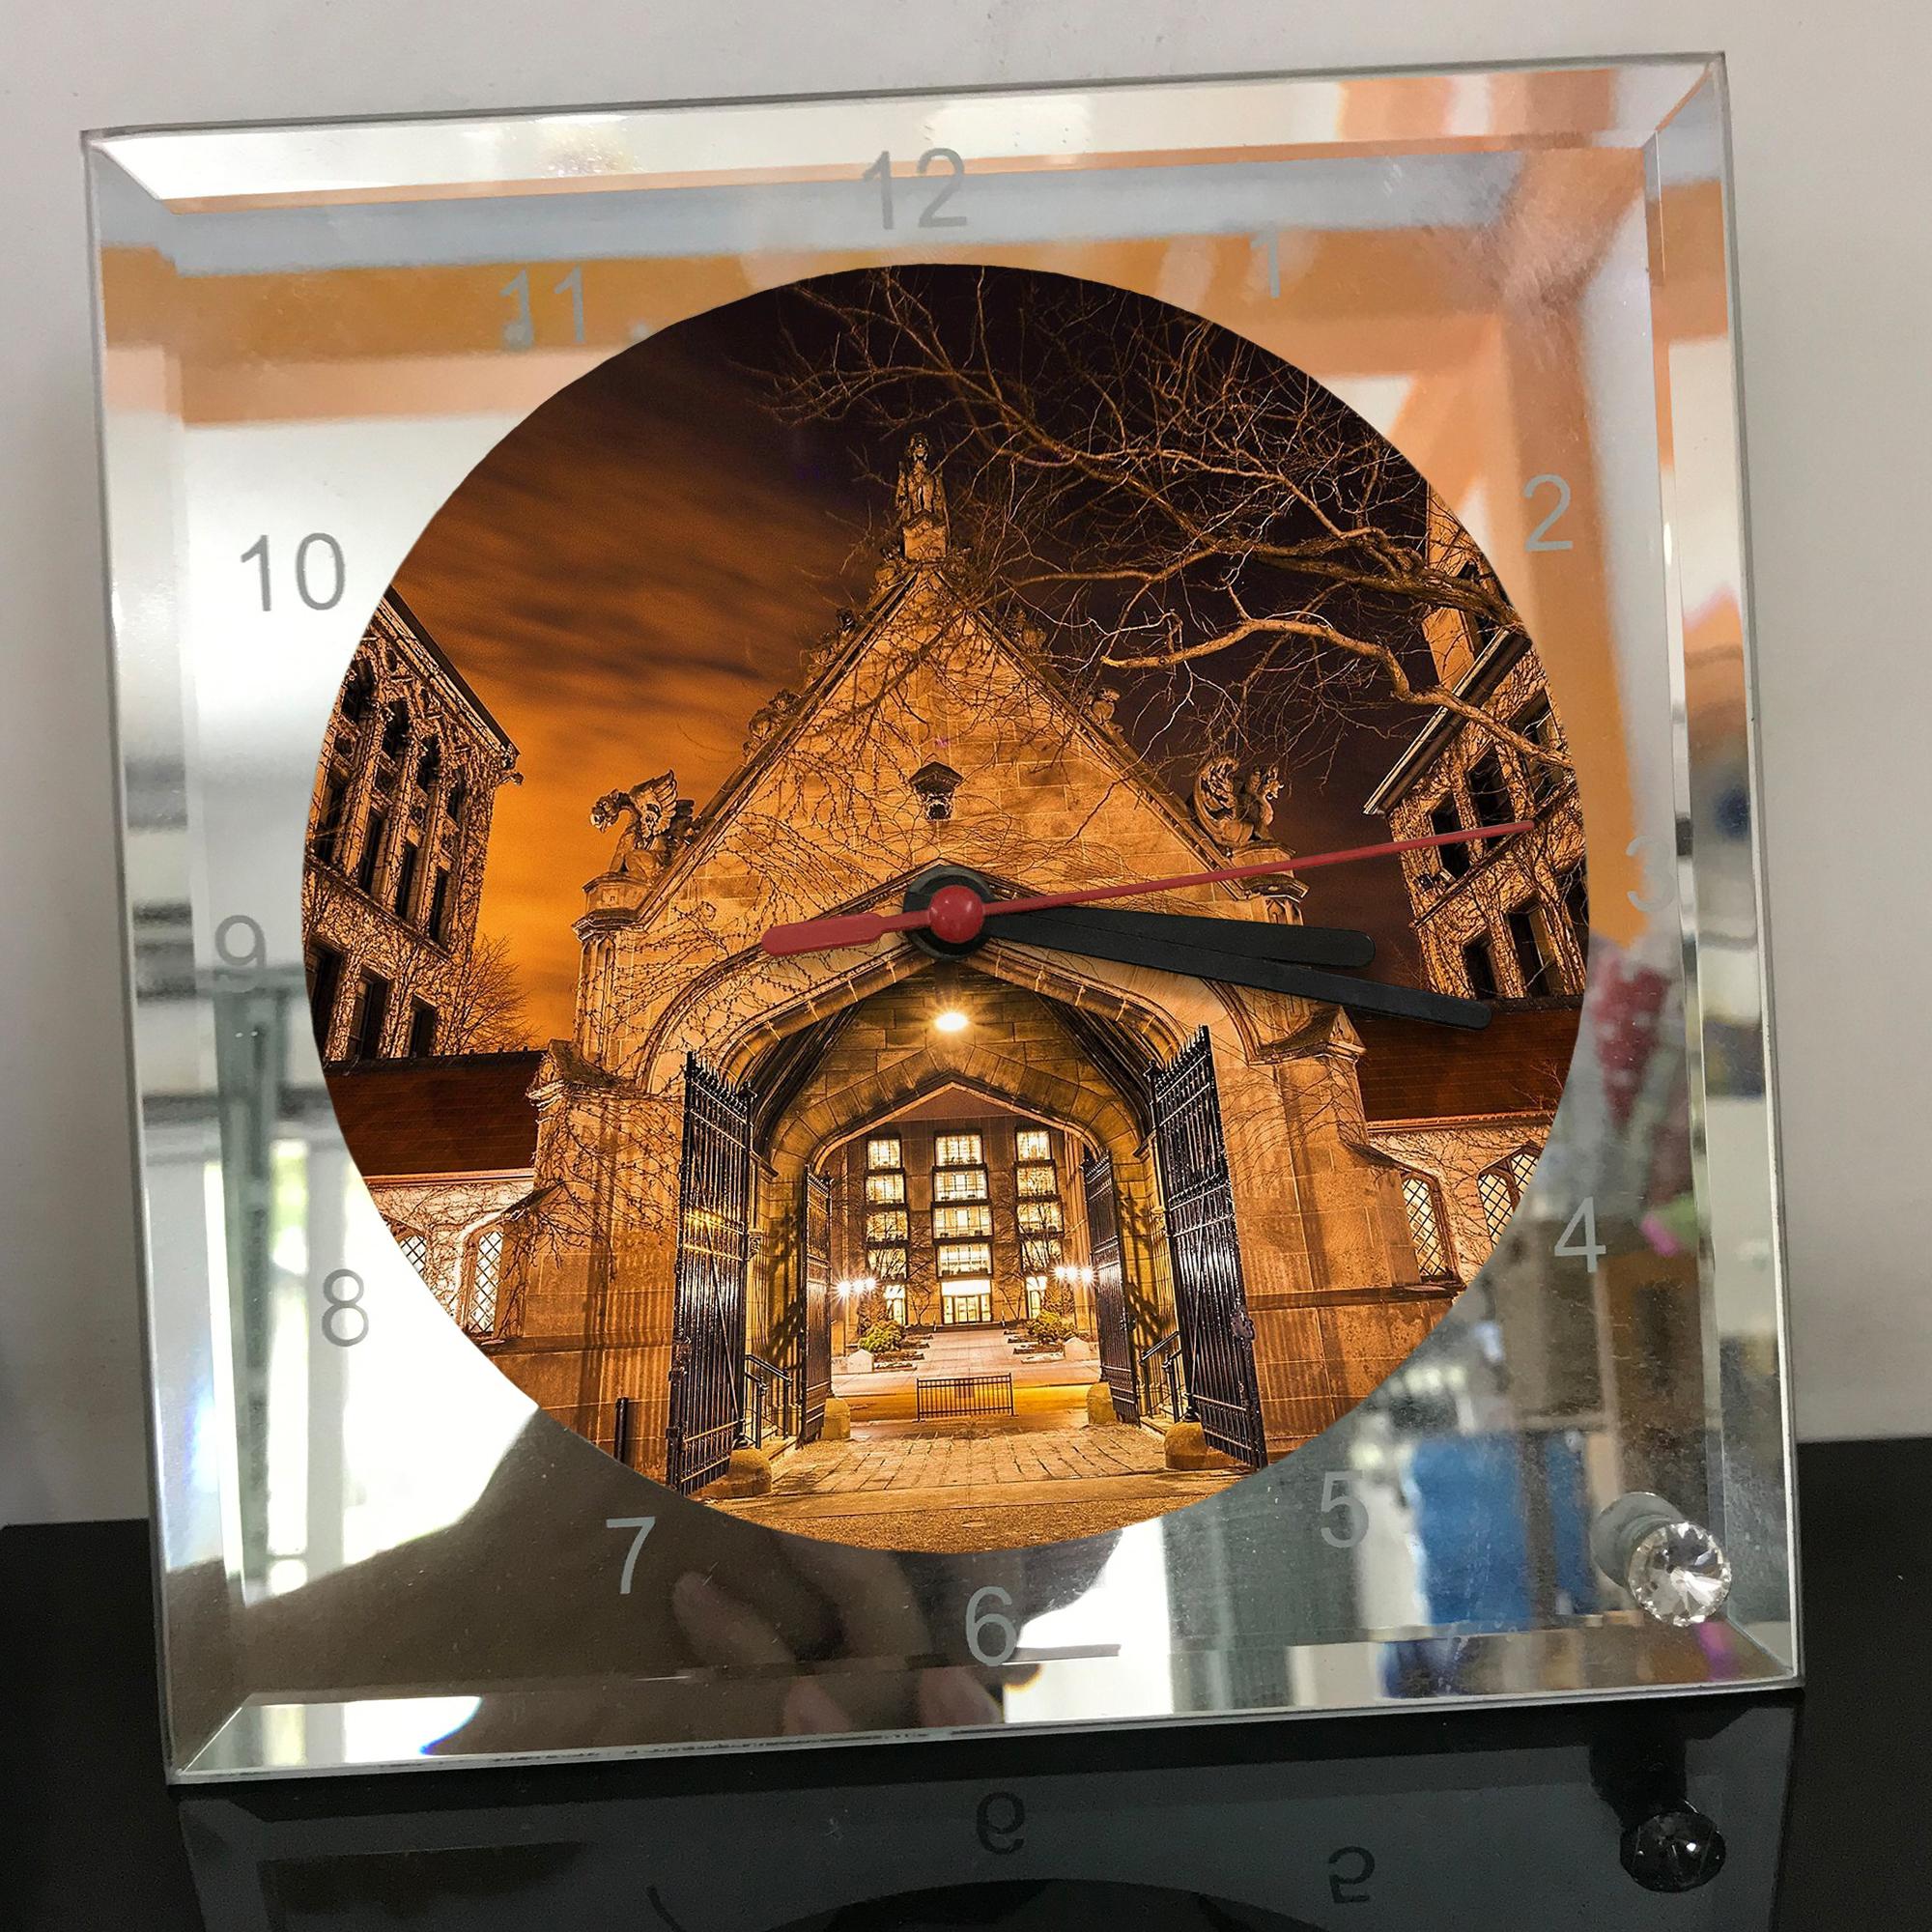 Đồng hồ thủy tinh vuông 20x20 in hình Church - nhà thờ (6).png . Đồng hồ thủy tinh để bàn trang trí đẹp chủ đề tôn giáo